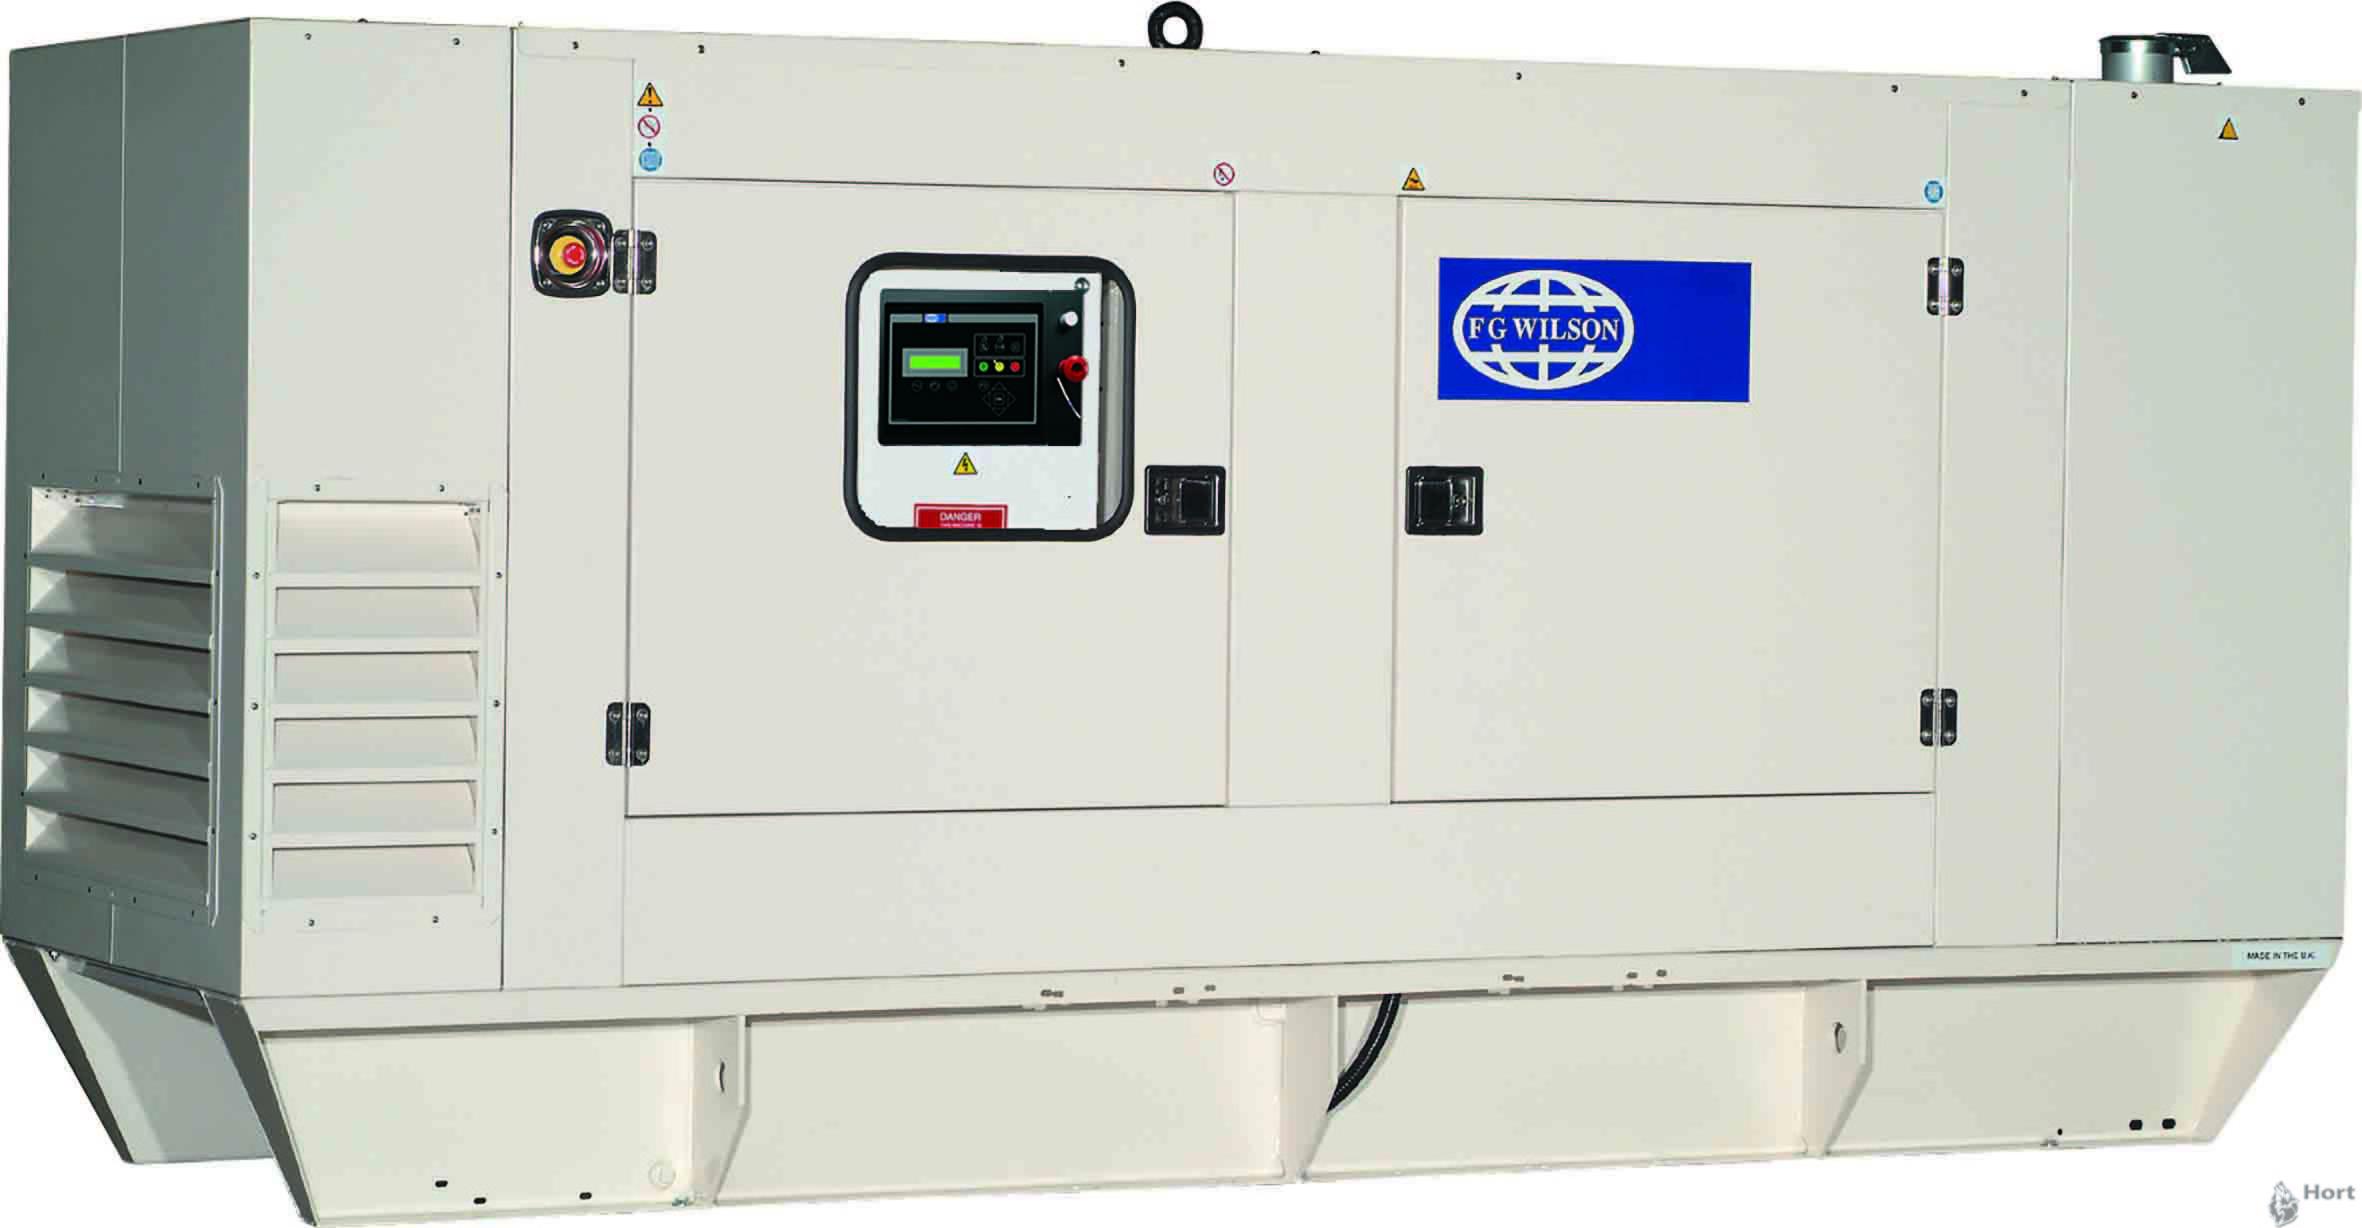 Прокат дизельного генератора FG Wilson P250H2